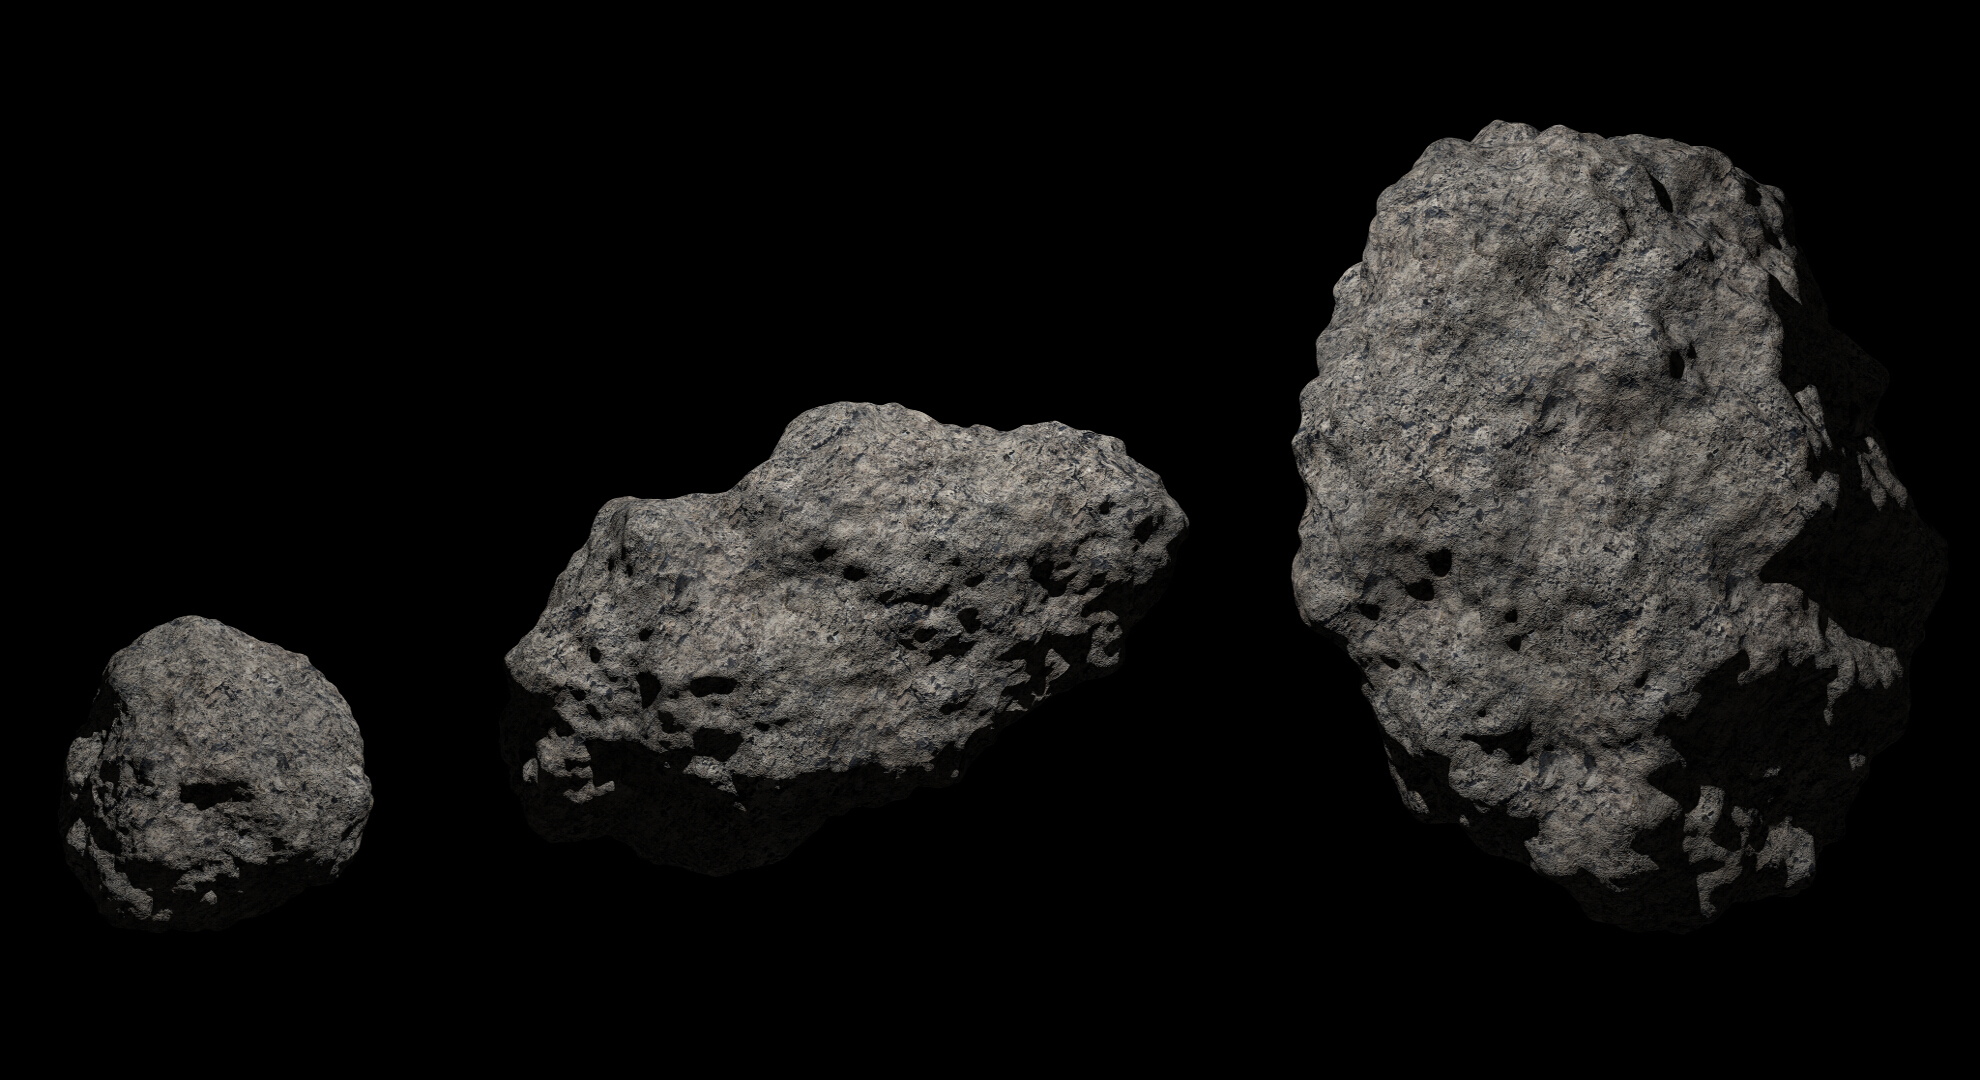 fantaziya asteroid 2 3d modeli 3s qarışığı da fbx obj 267195